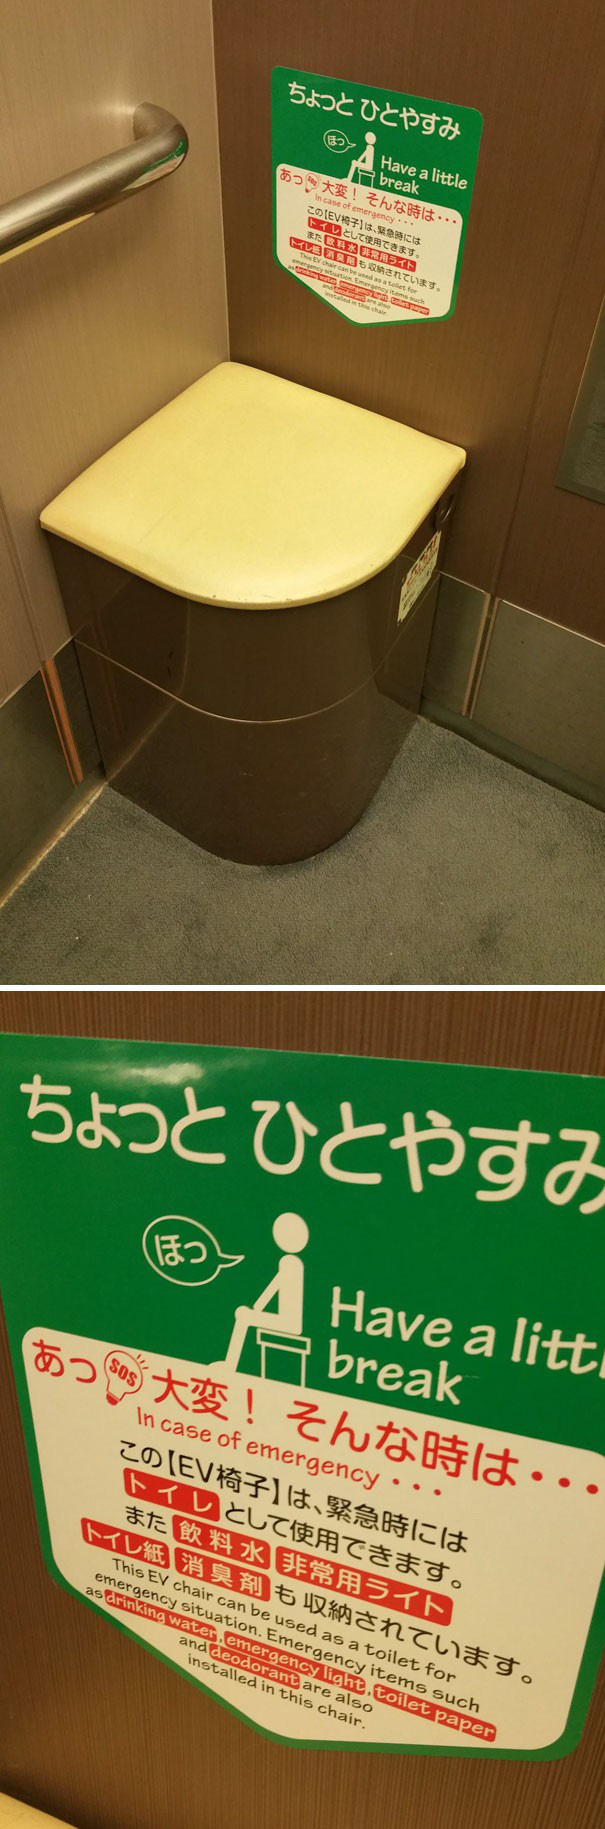 Cá koi bơi dưới cống, tận dụng nước rửa tay để xả bồn cầu và 22 sự thật thú vị về Nhật Bản thời hiện đại - Ảnh 14.